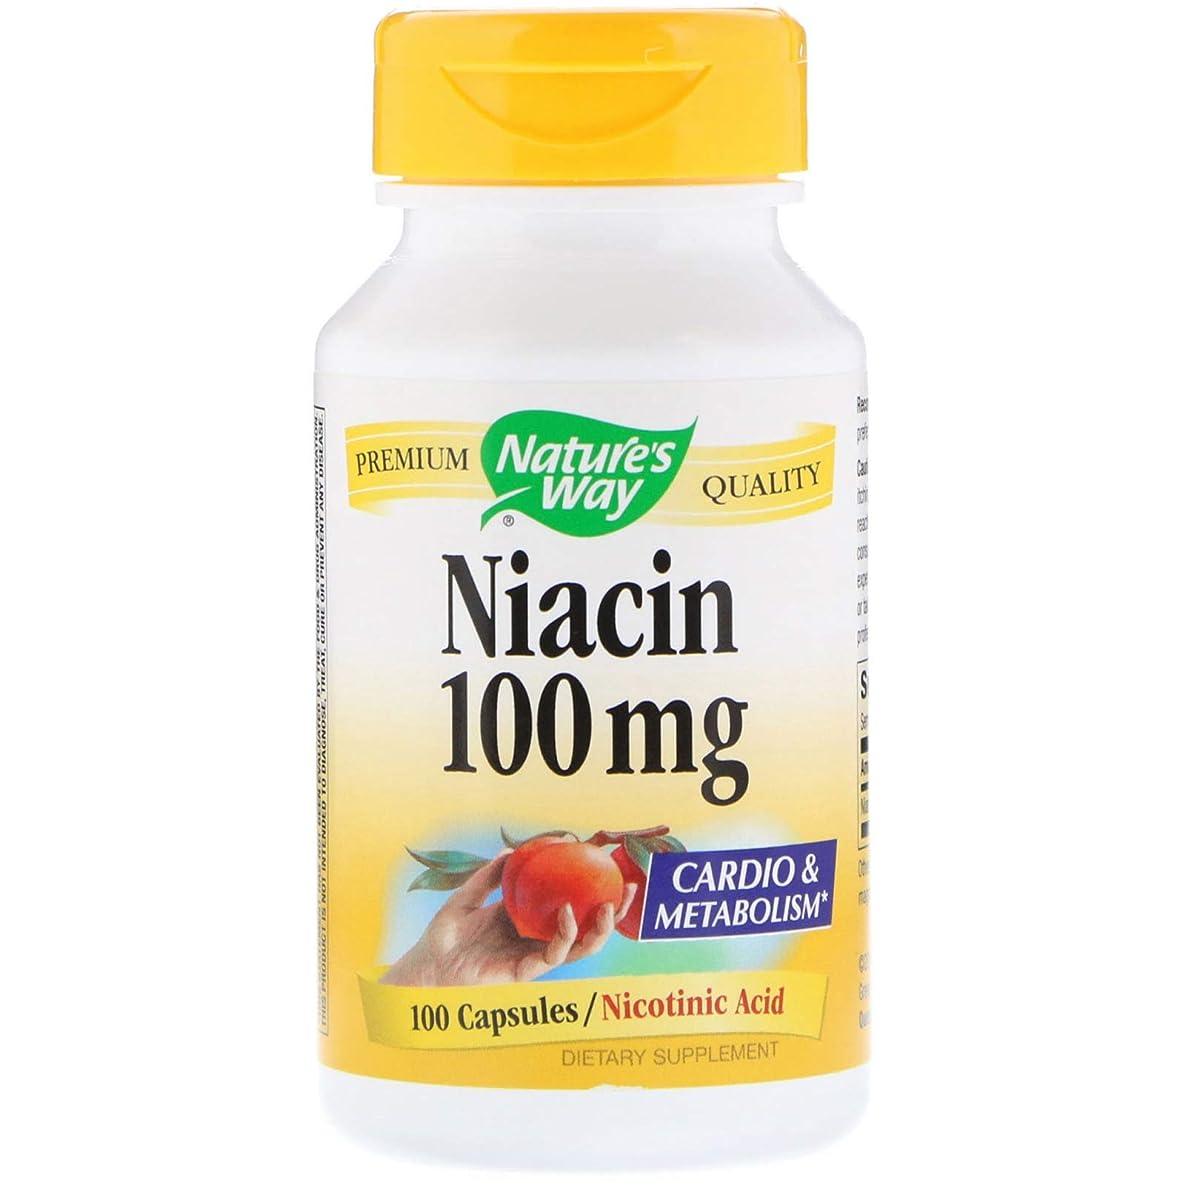 救急車ハロウィン実行可能Nature's Way ナイアシン Niacin 100mg 100カプセル [並行輸入品] - 2 Packs